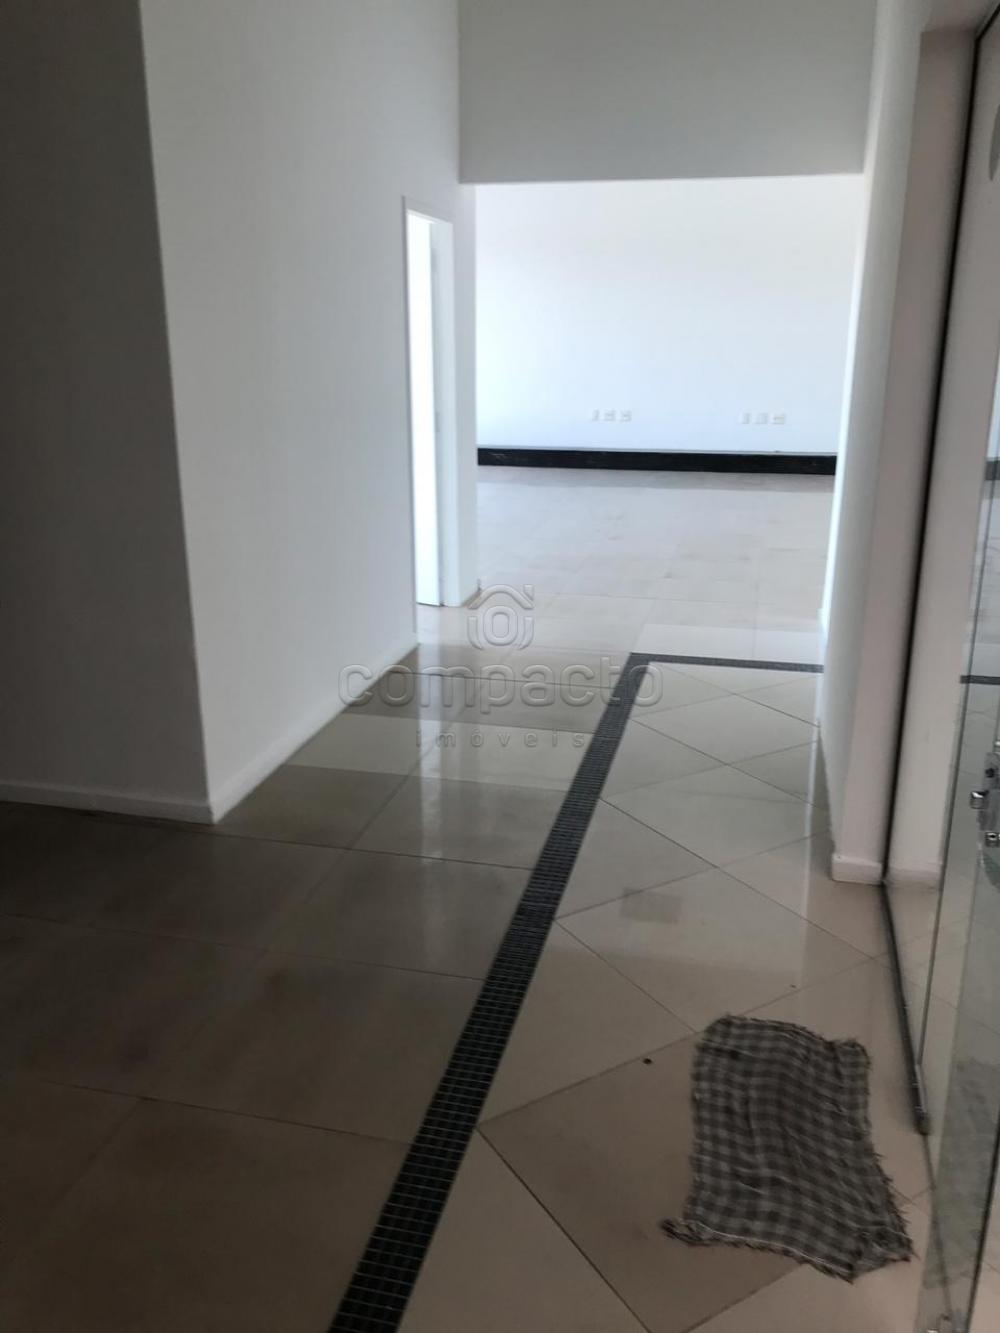 Alugar Comercial / Sala/Loja Condomínio em São José do Rio Preto apenas R$ 4.000,00 - Foto 3